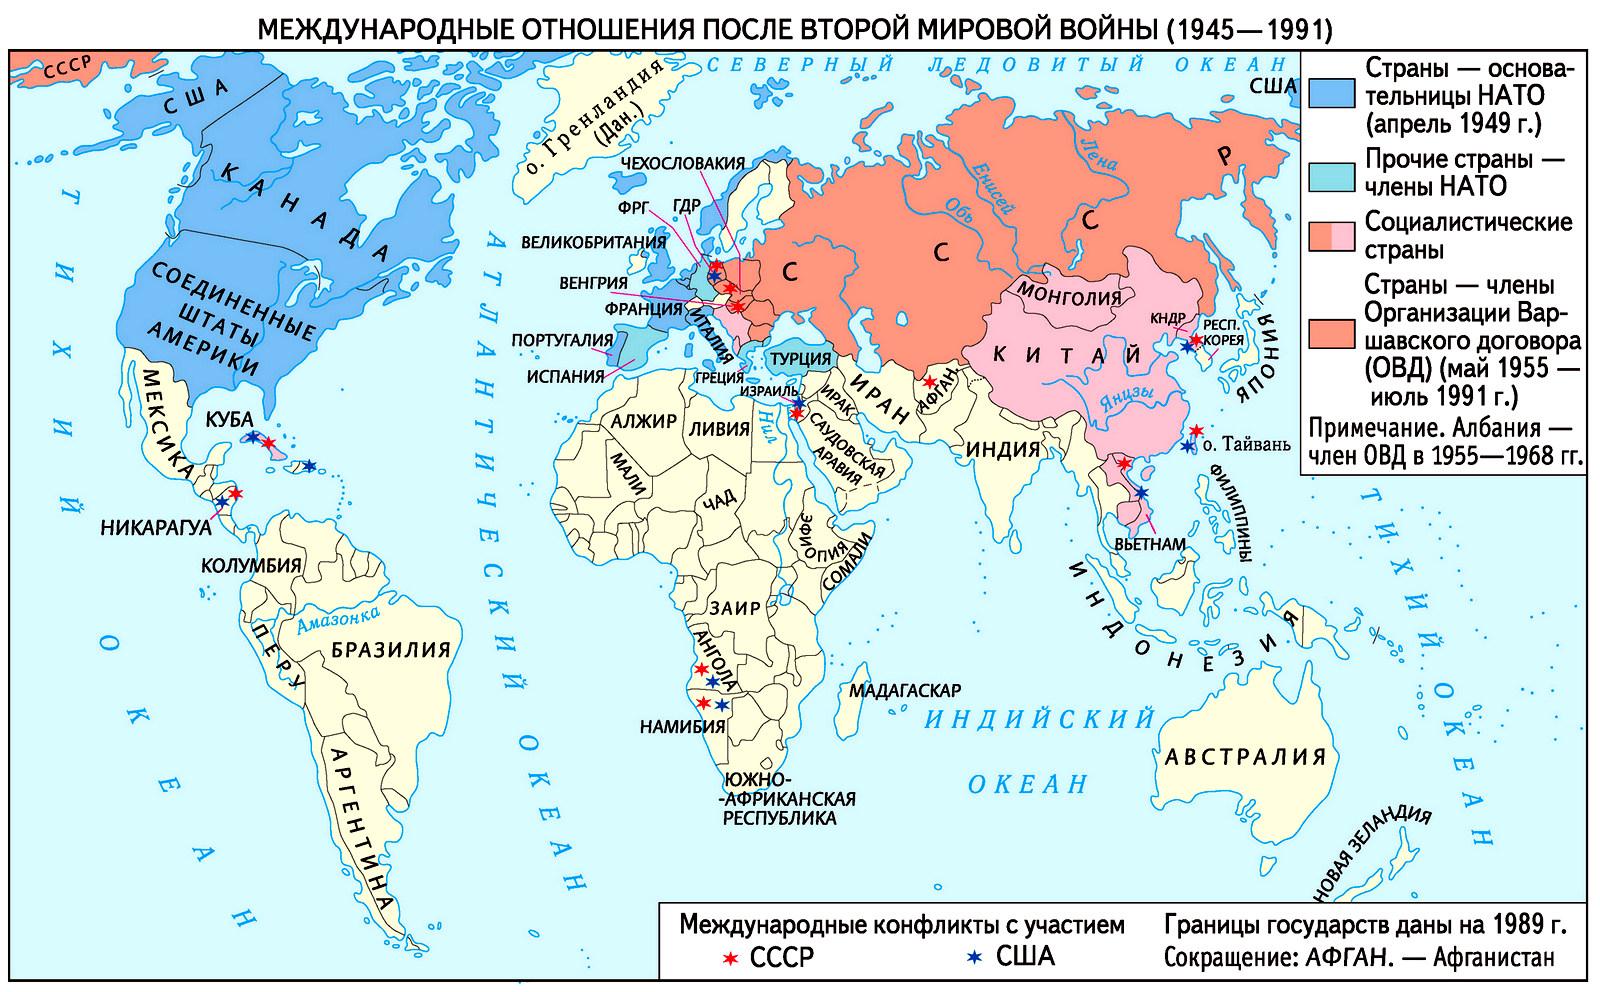 Страны мира после Второй мировой войны